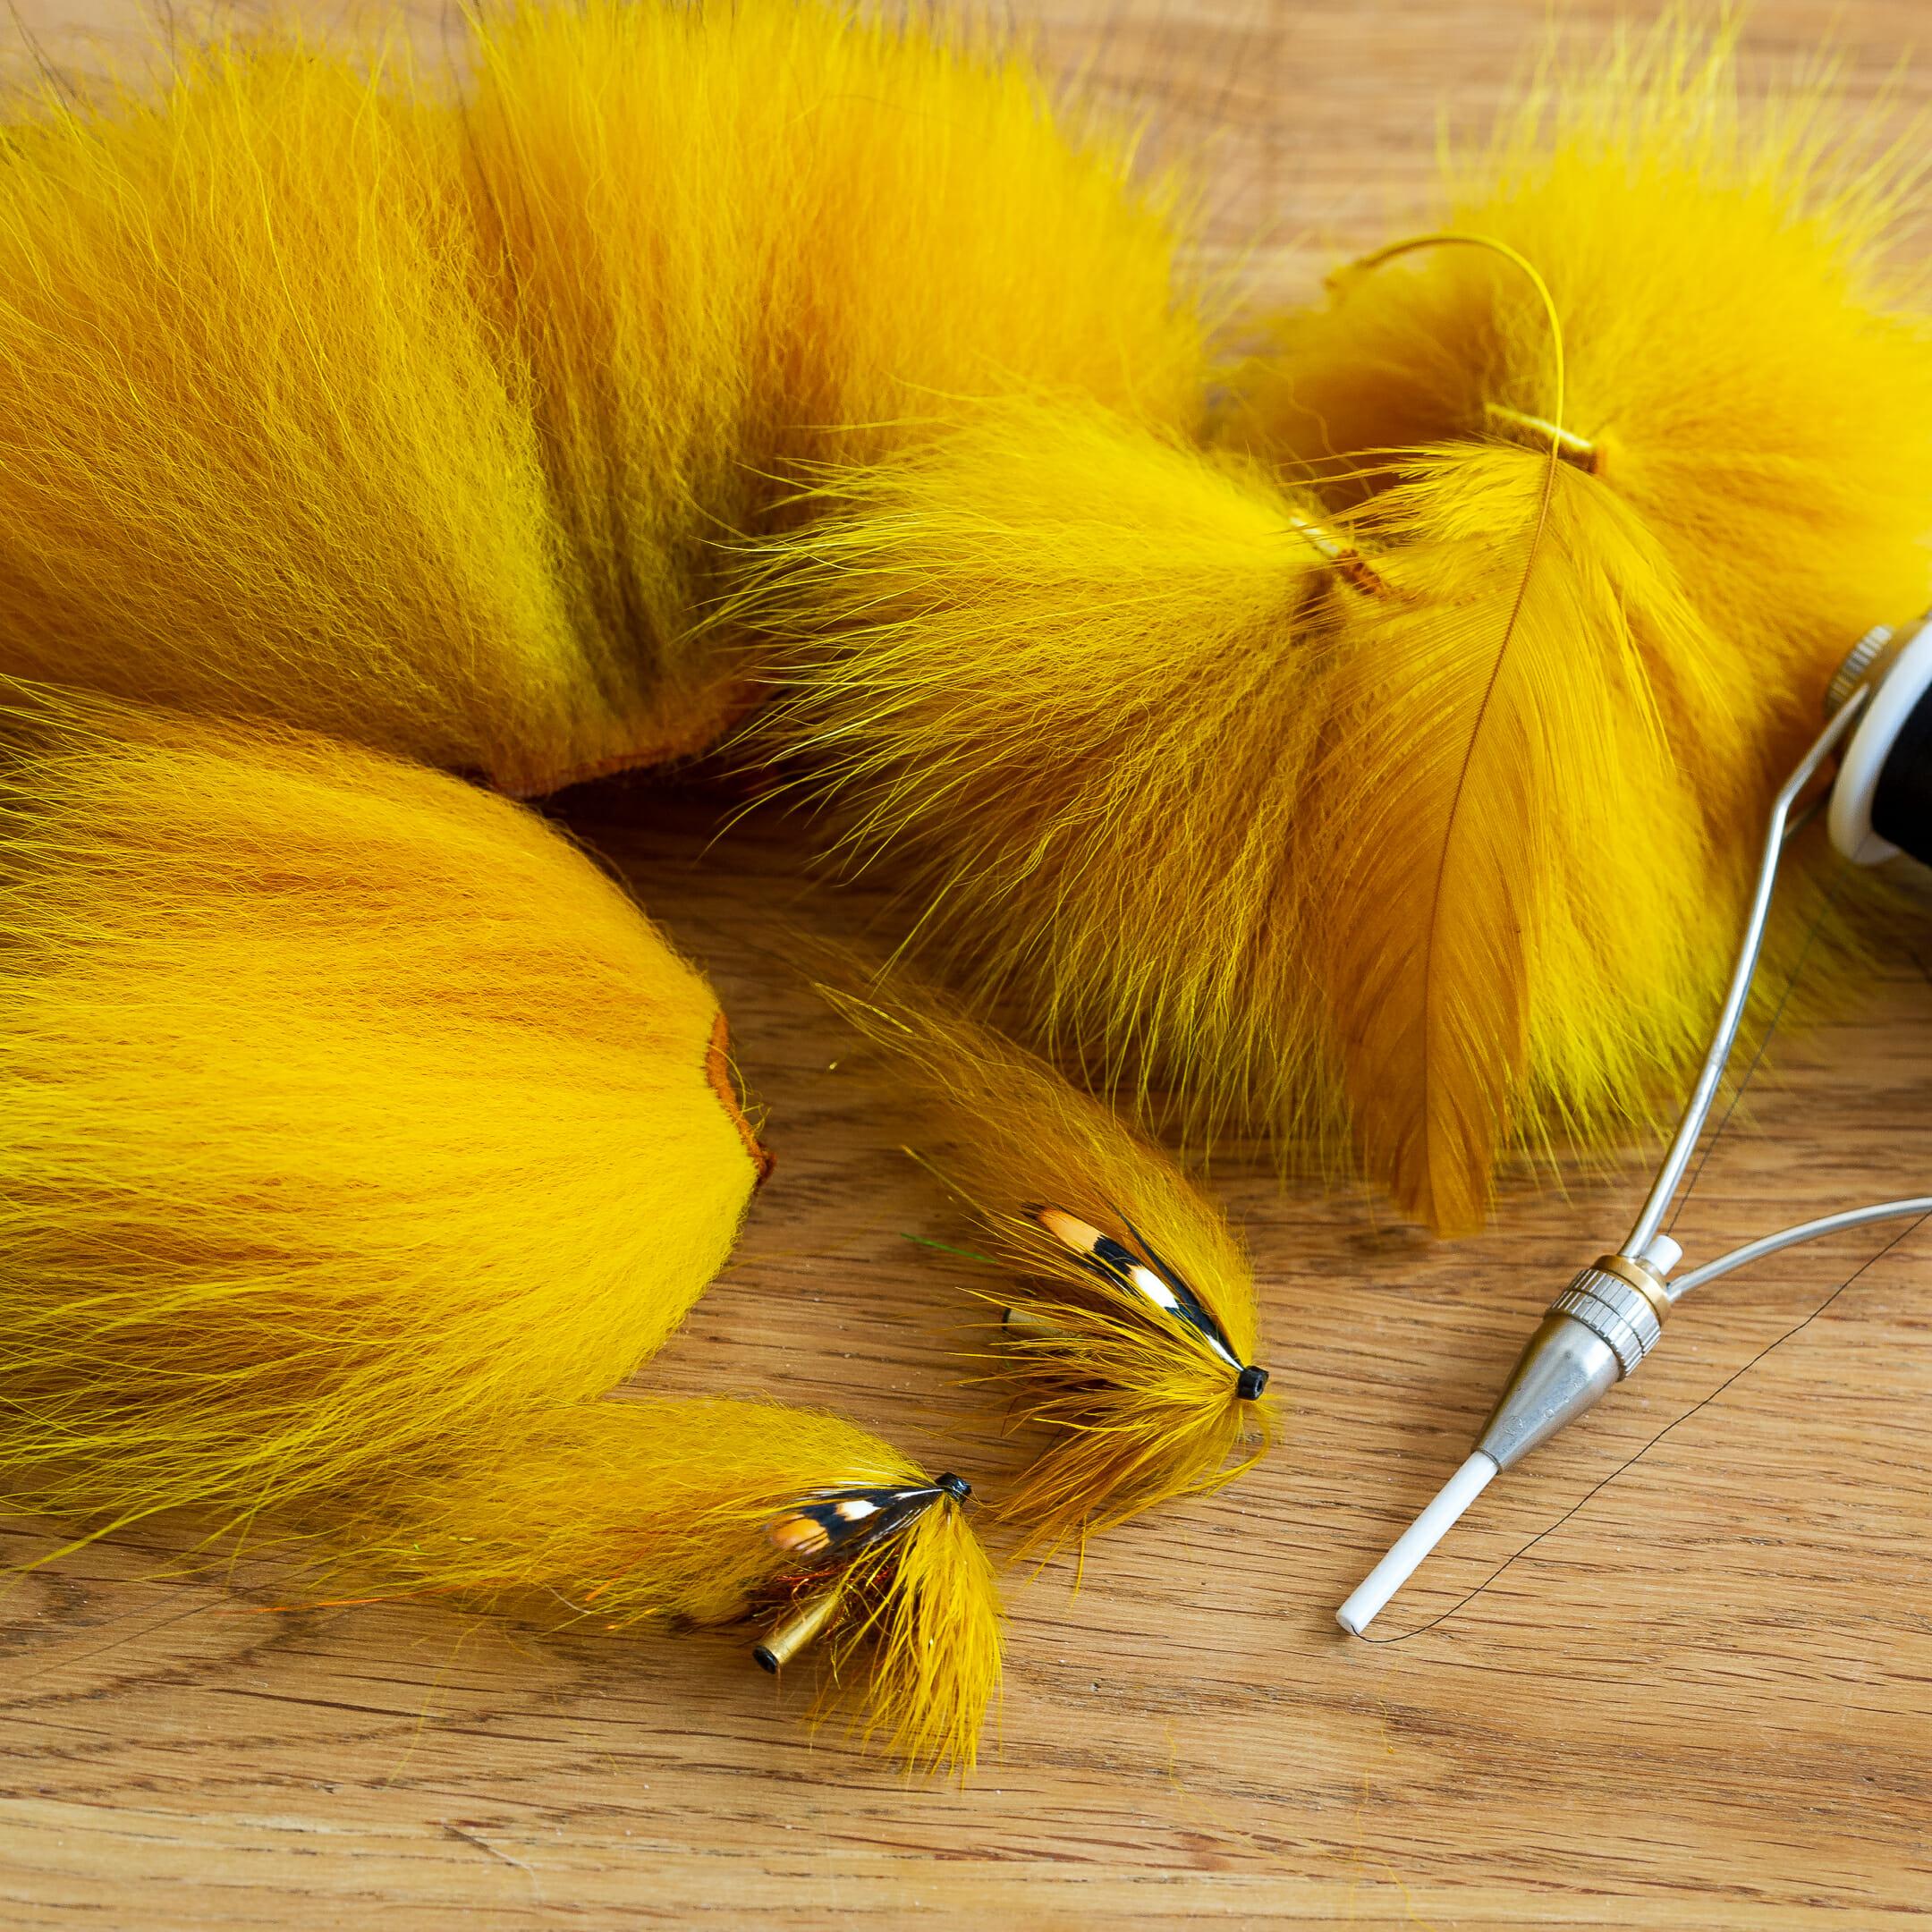 Olika material och laxflugor i gul bananfärg